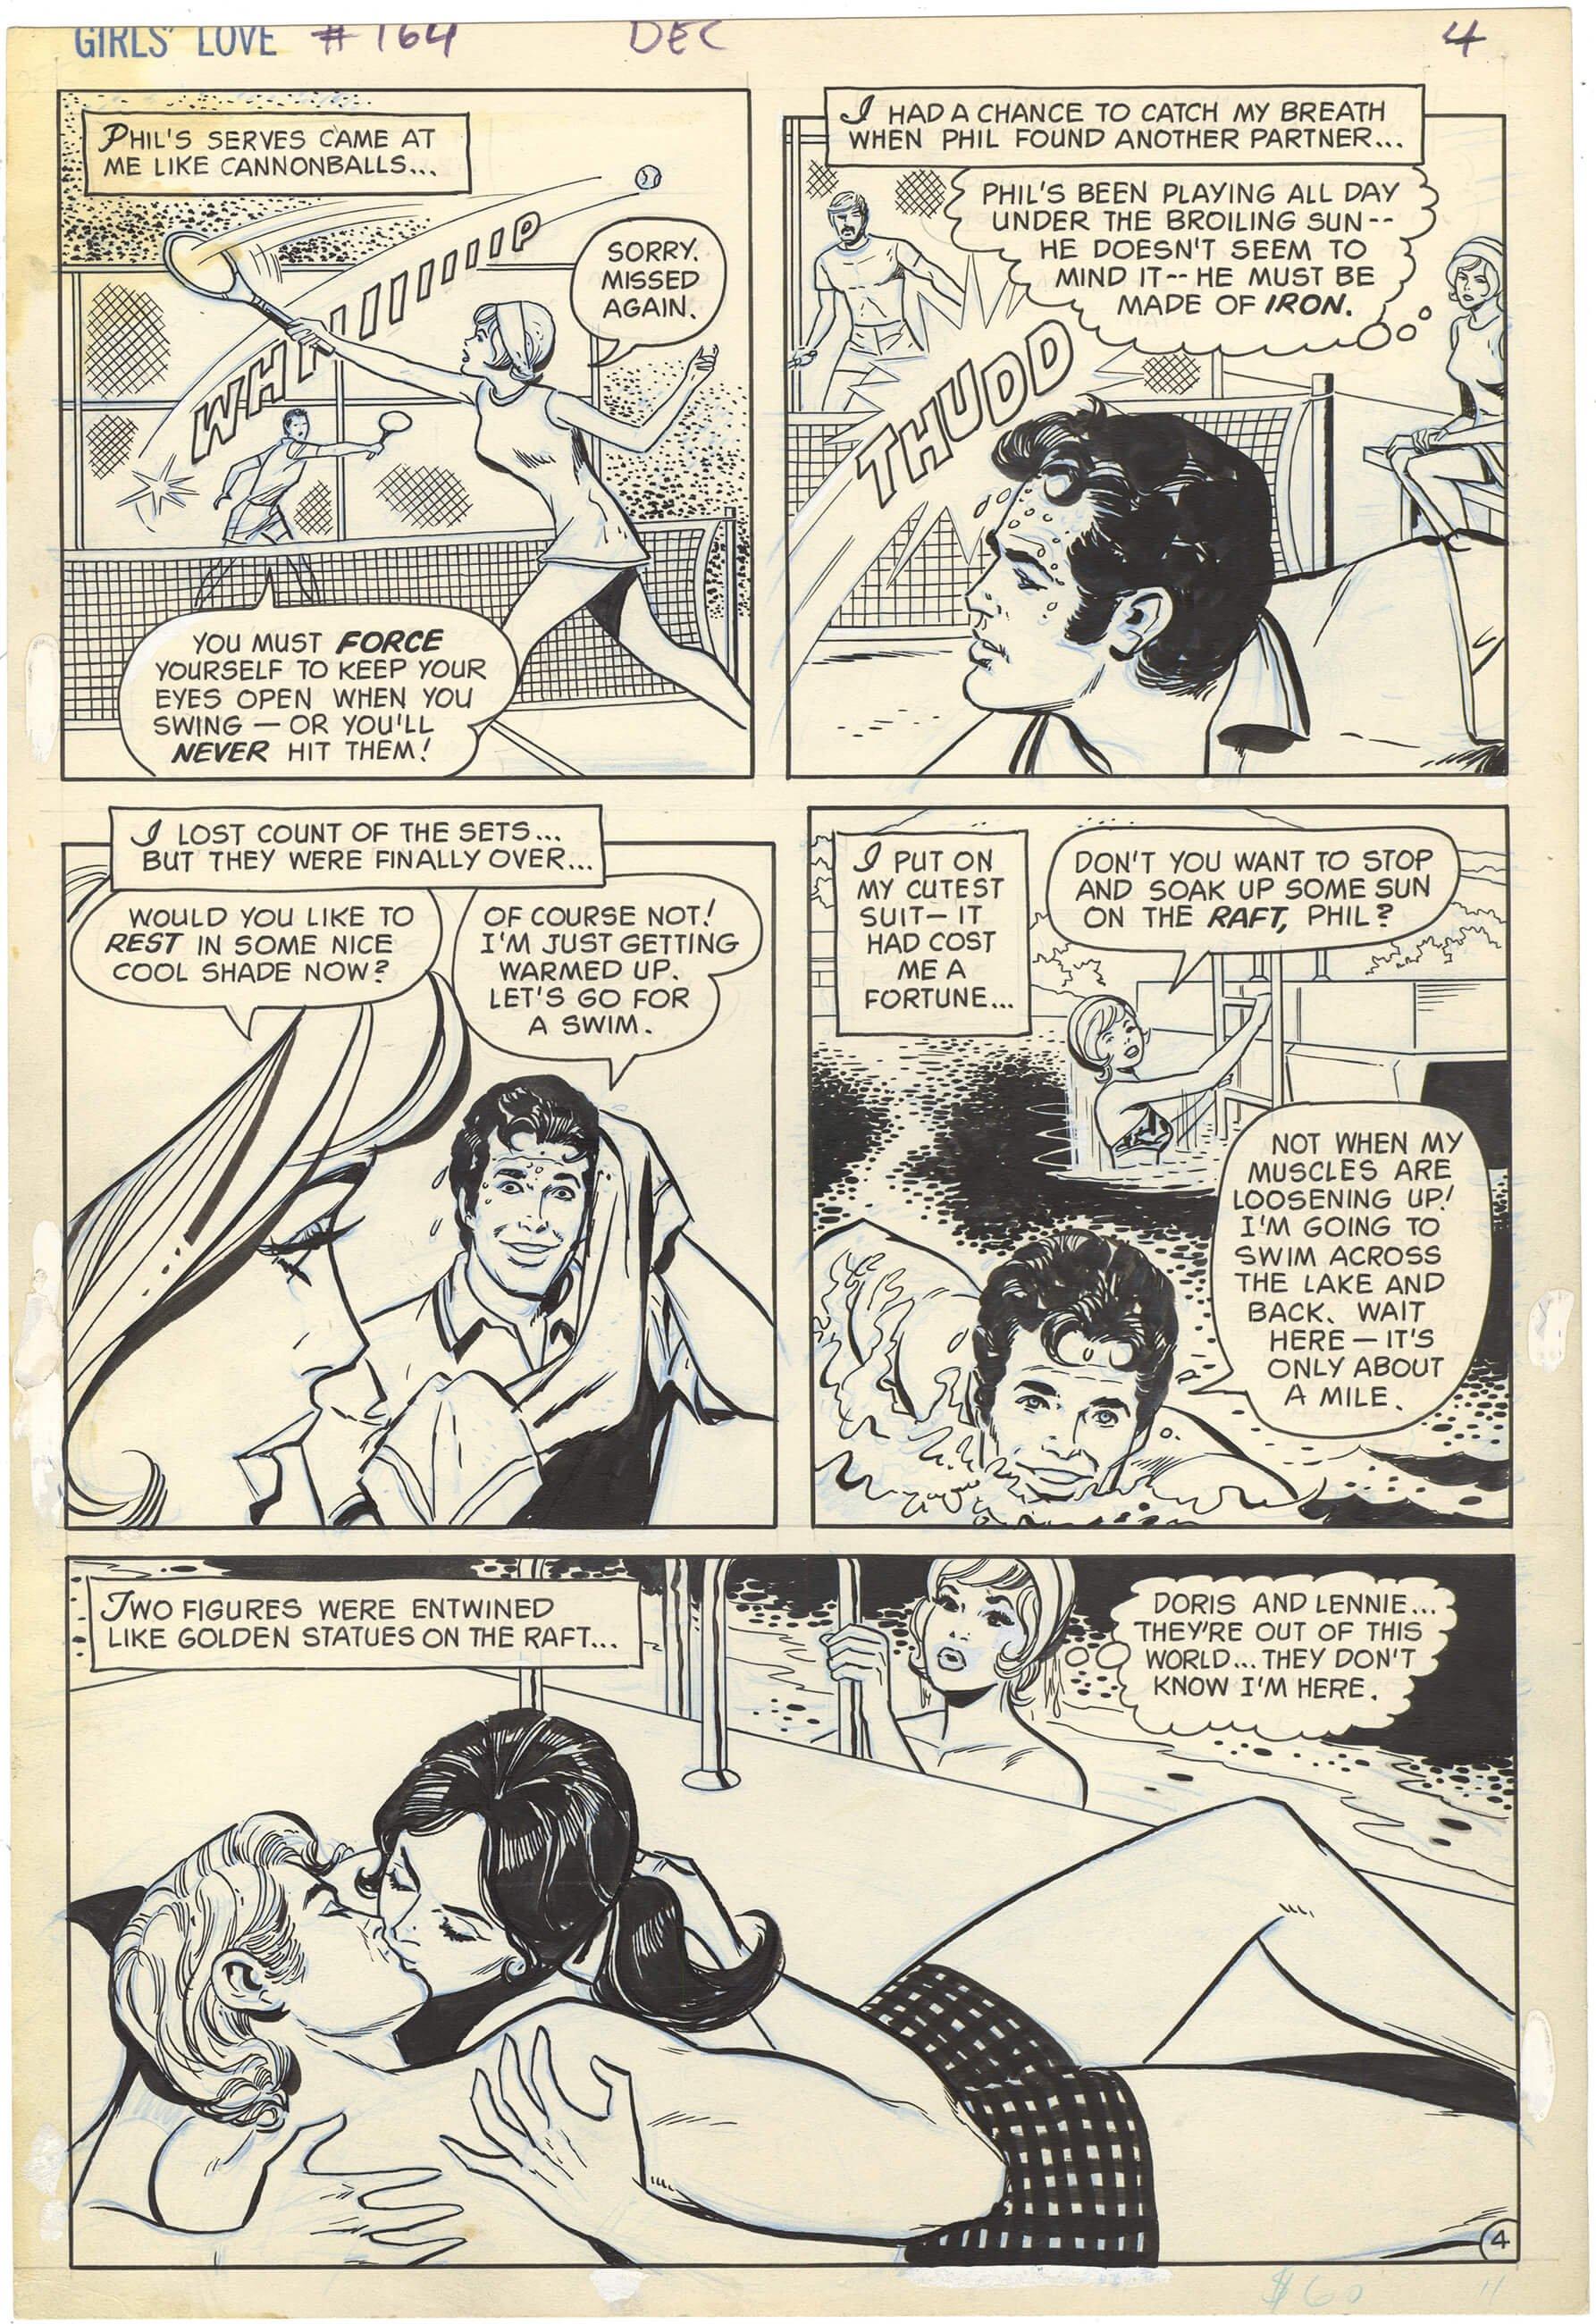 Girls' Love Stories #164 p4